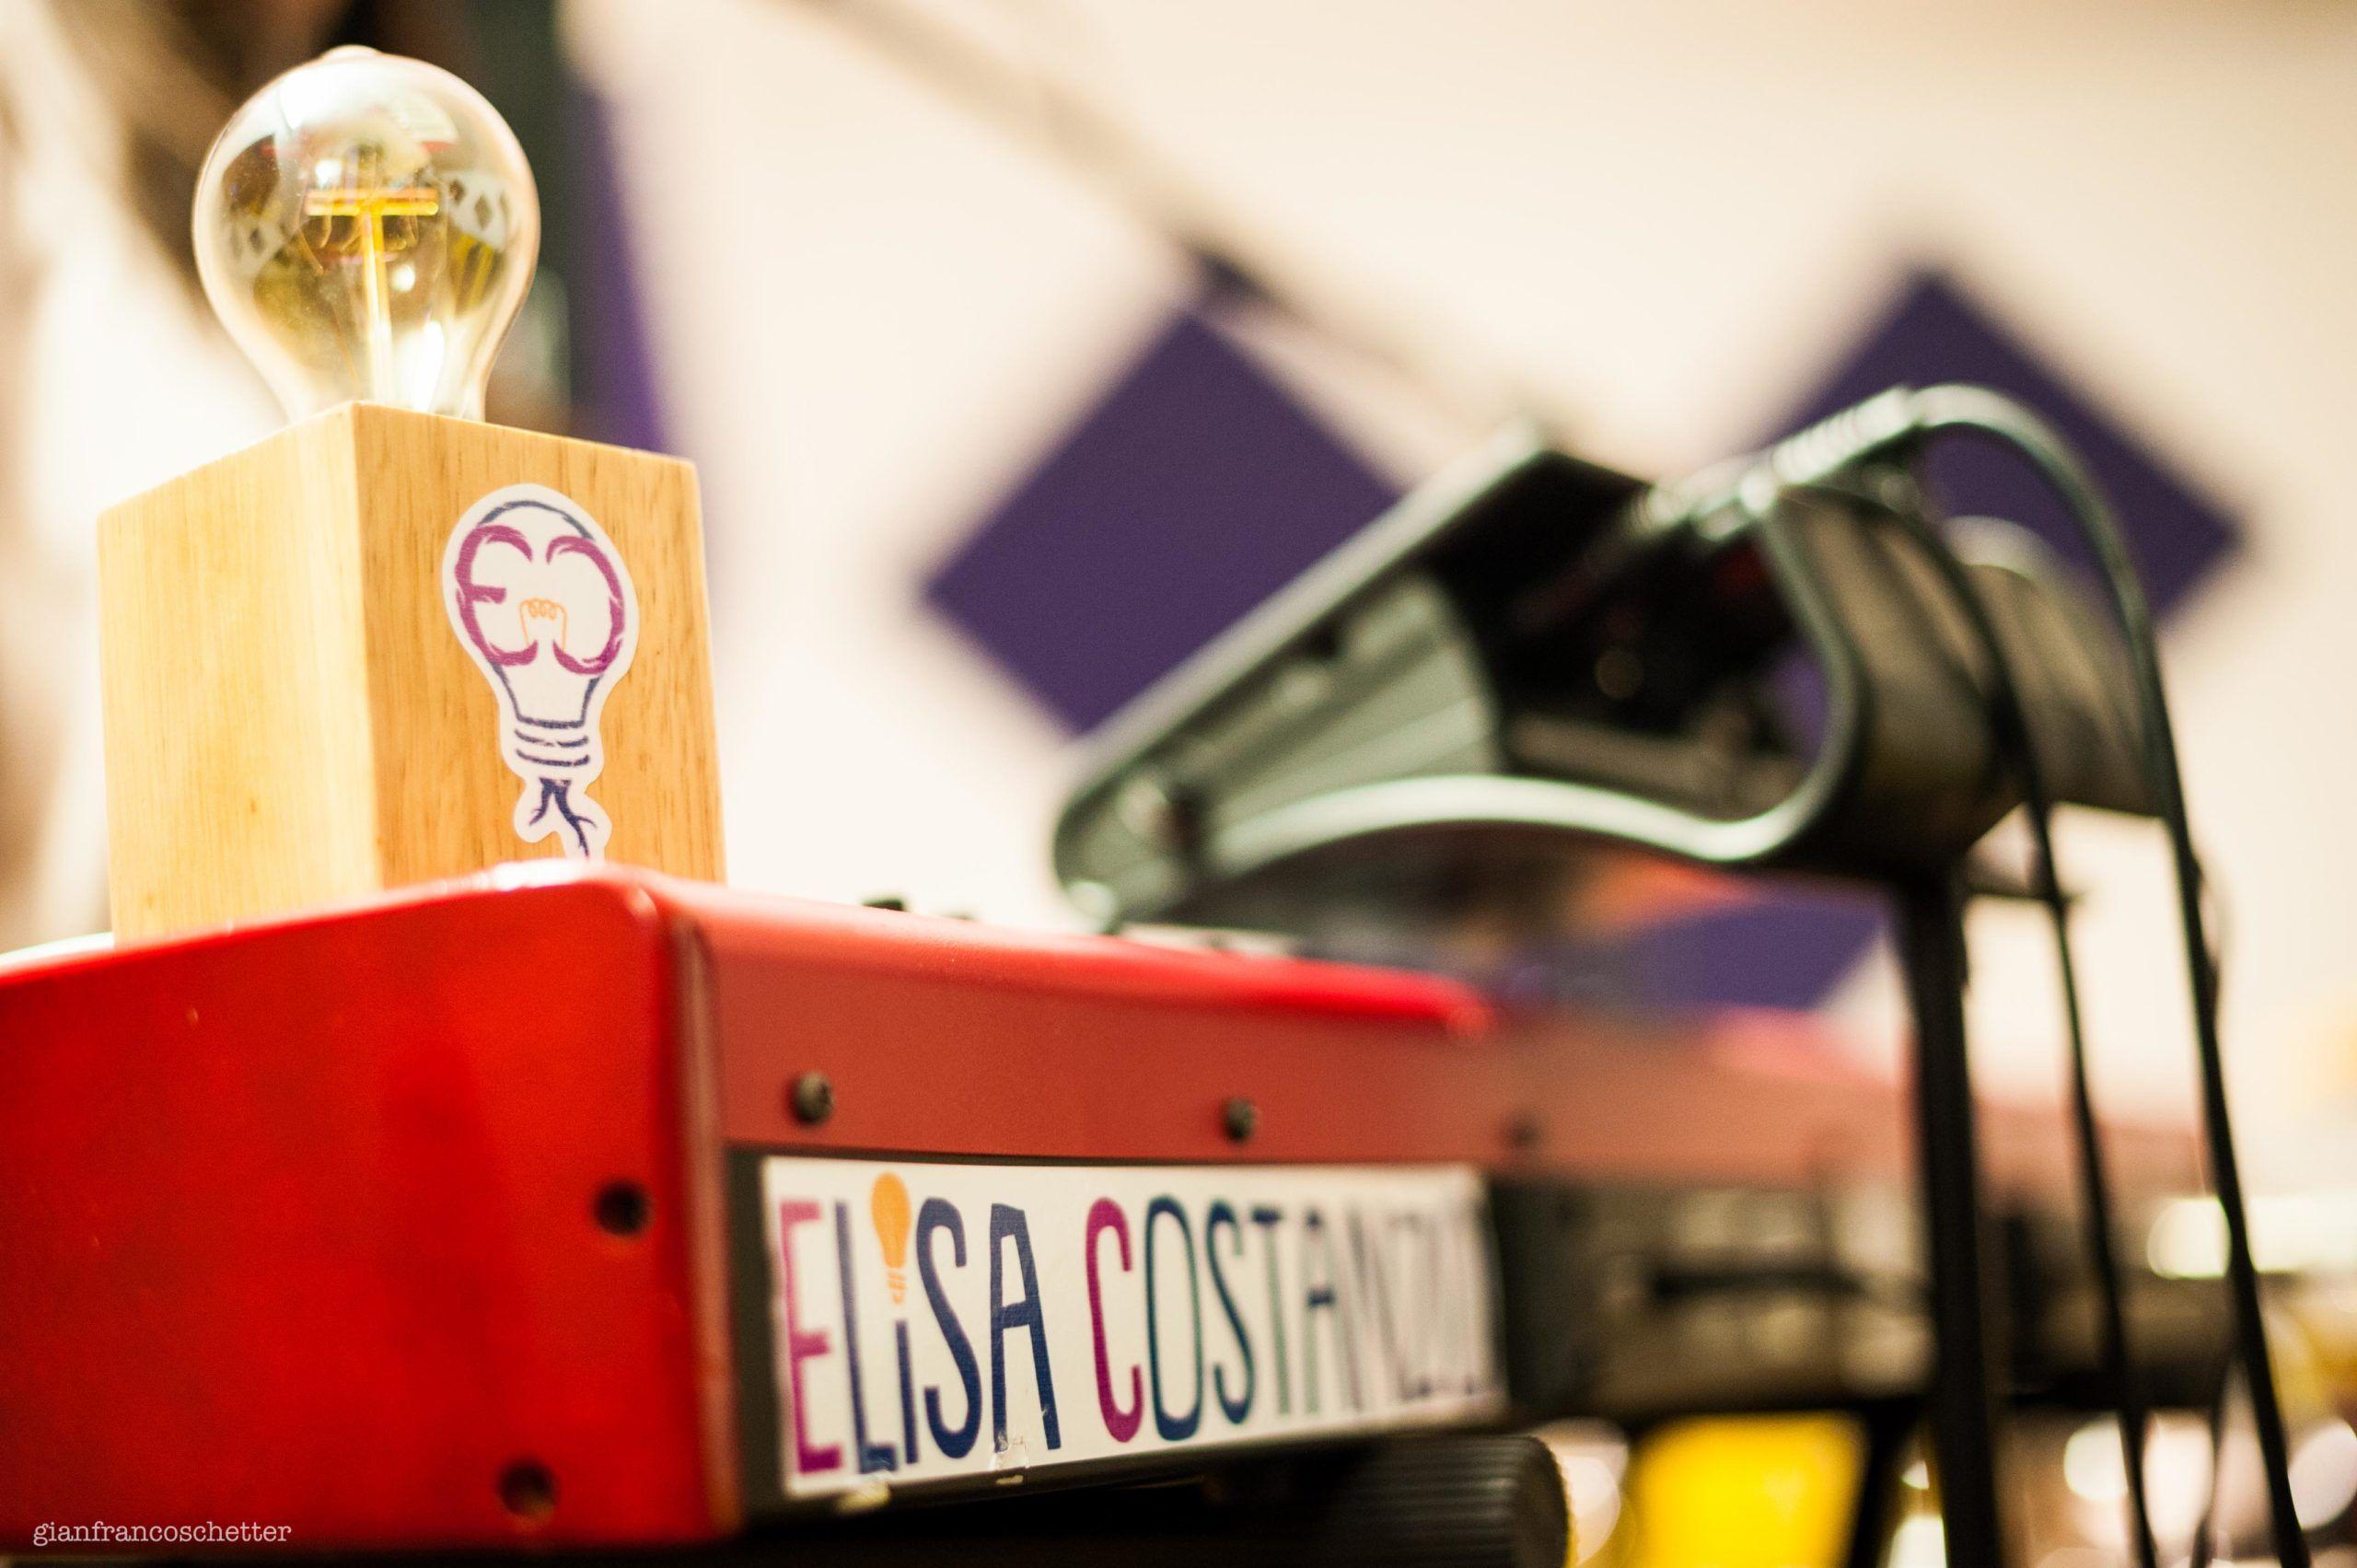 Elisa Costanzo Cosa rimane